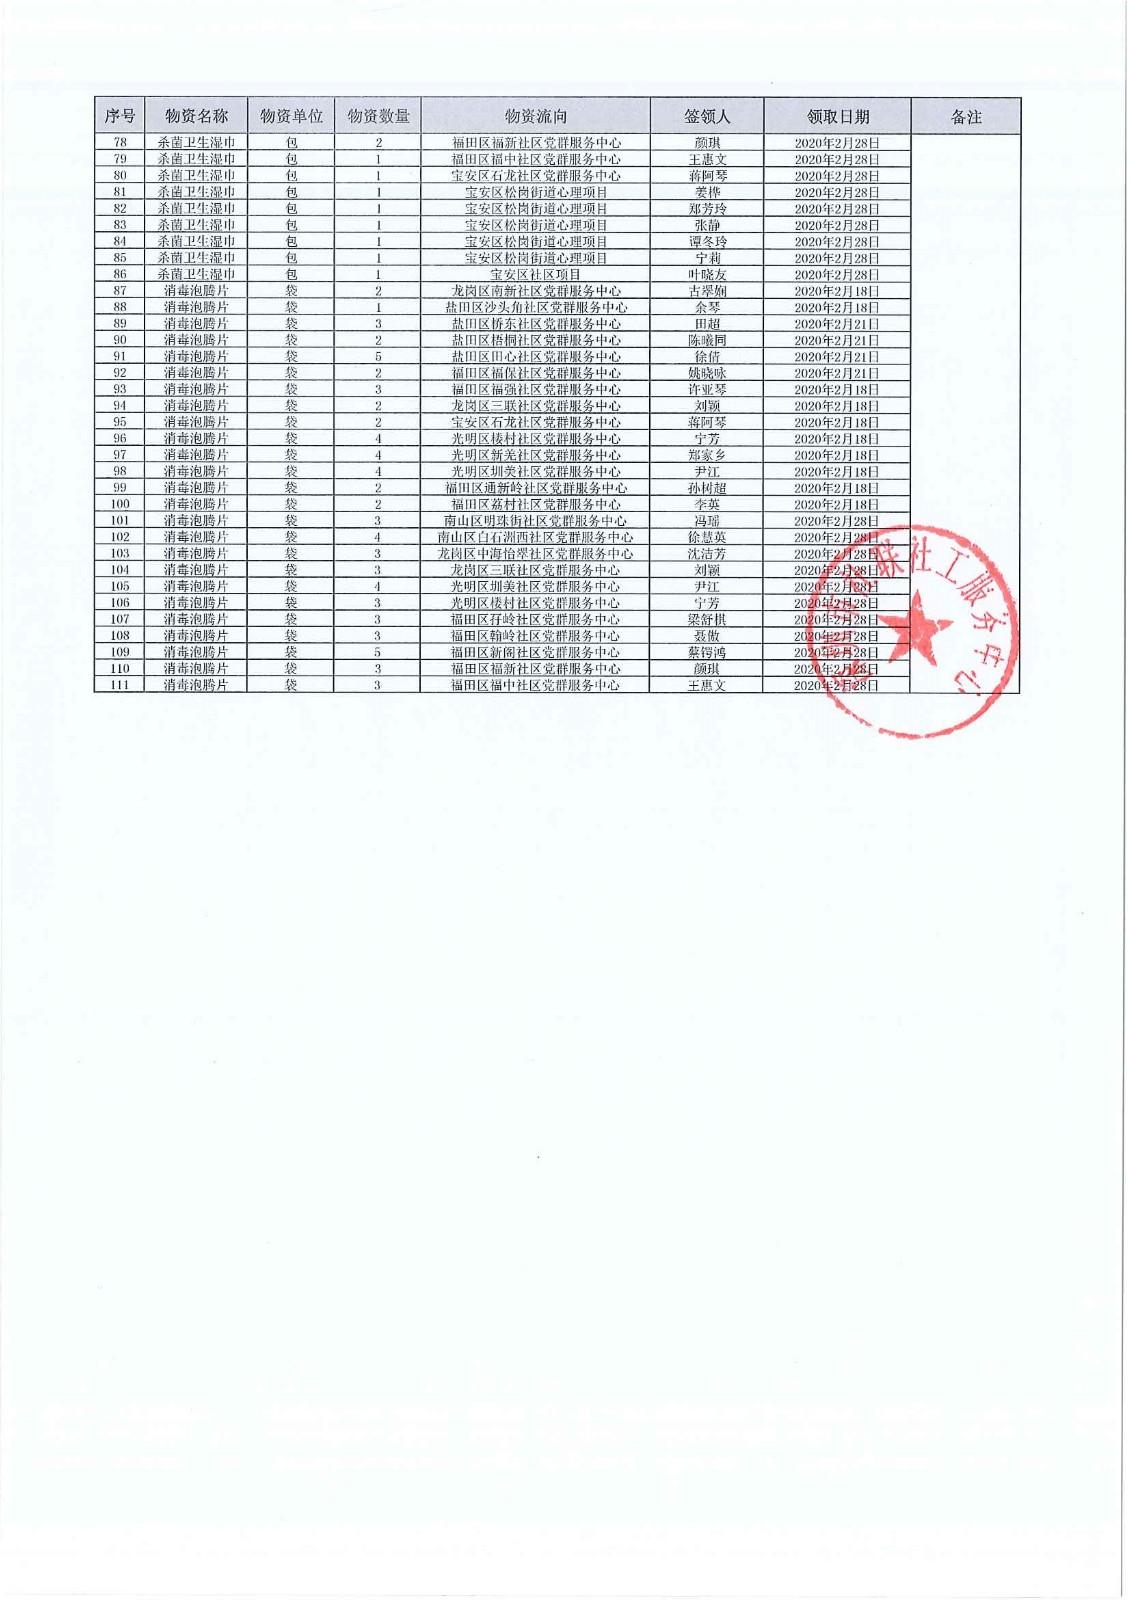 深圳市社联社工服务中心关于接受深圳市社会工作者协会捐赠的防疫物资使用情况公示(第三批)